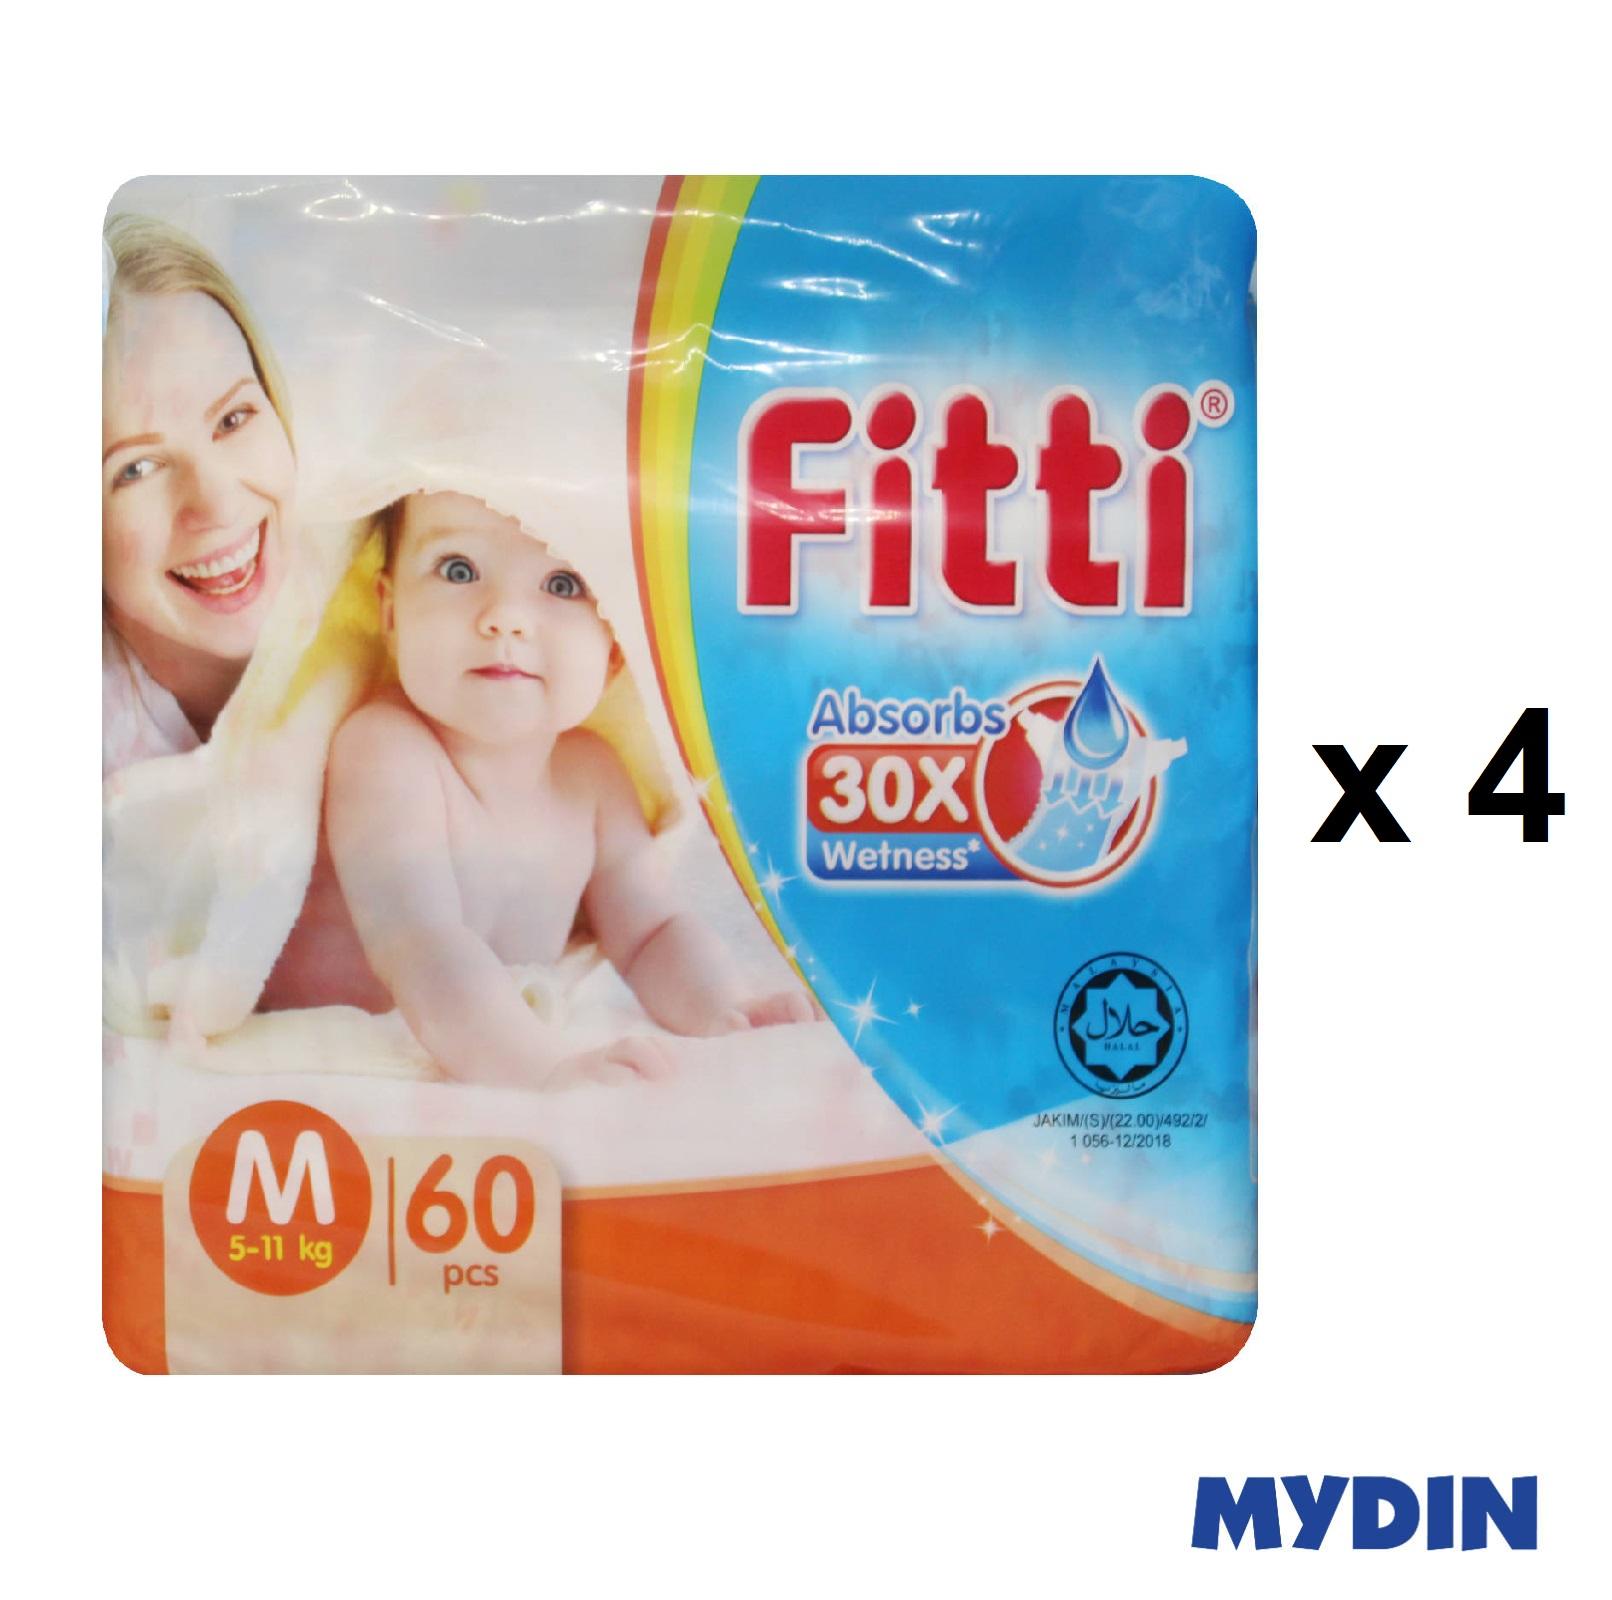 Fitti Jumbo Pack M60 x 4 Packs